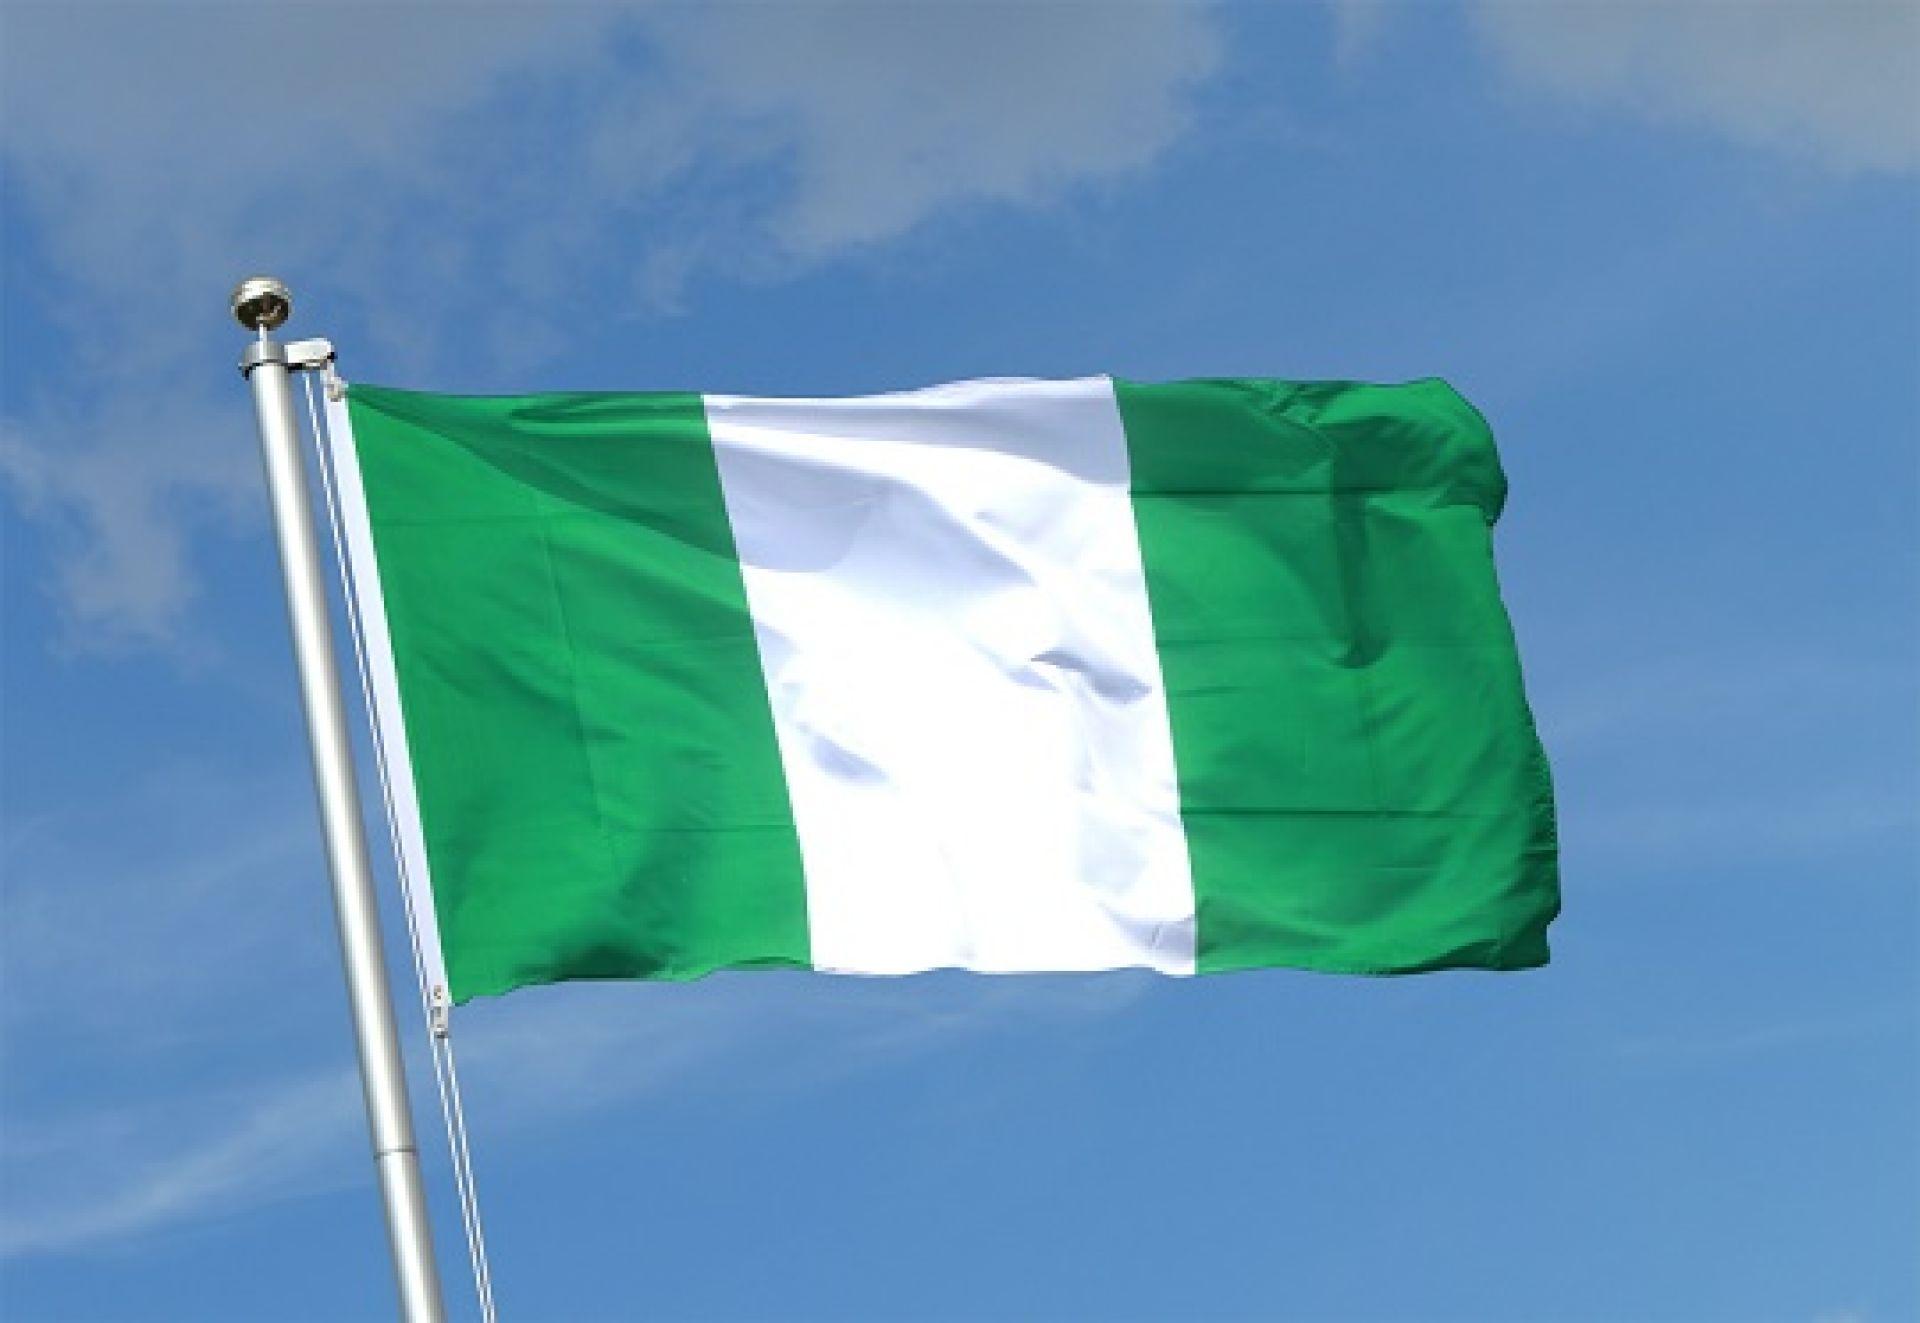 نيجيريا تشترى 16 طائرة بدون طيار و3 مقاتلات من الصين لمواجهة المتمردين